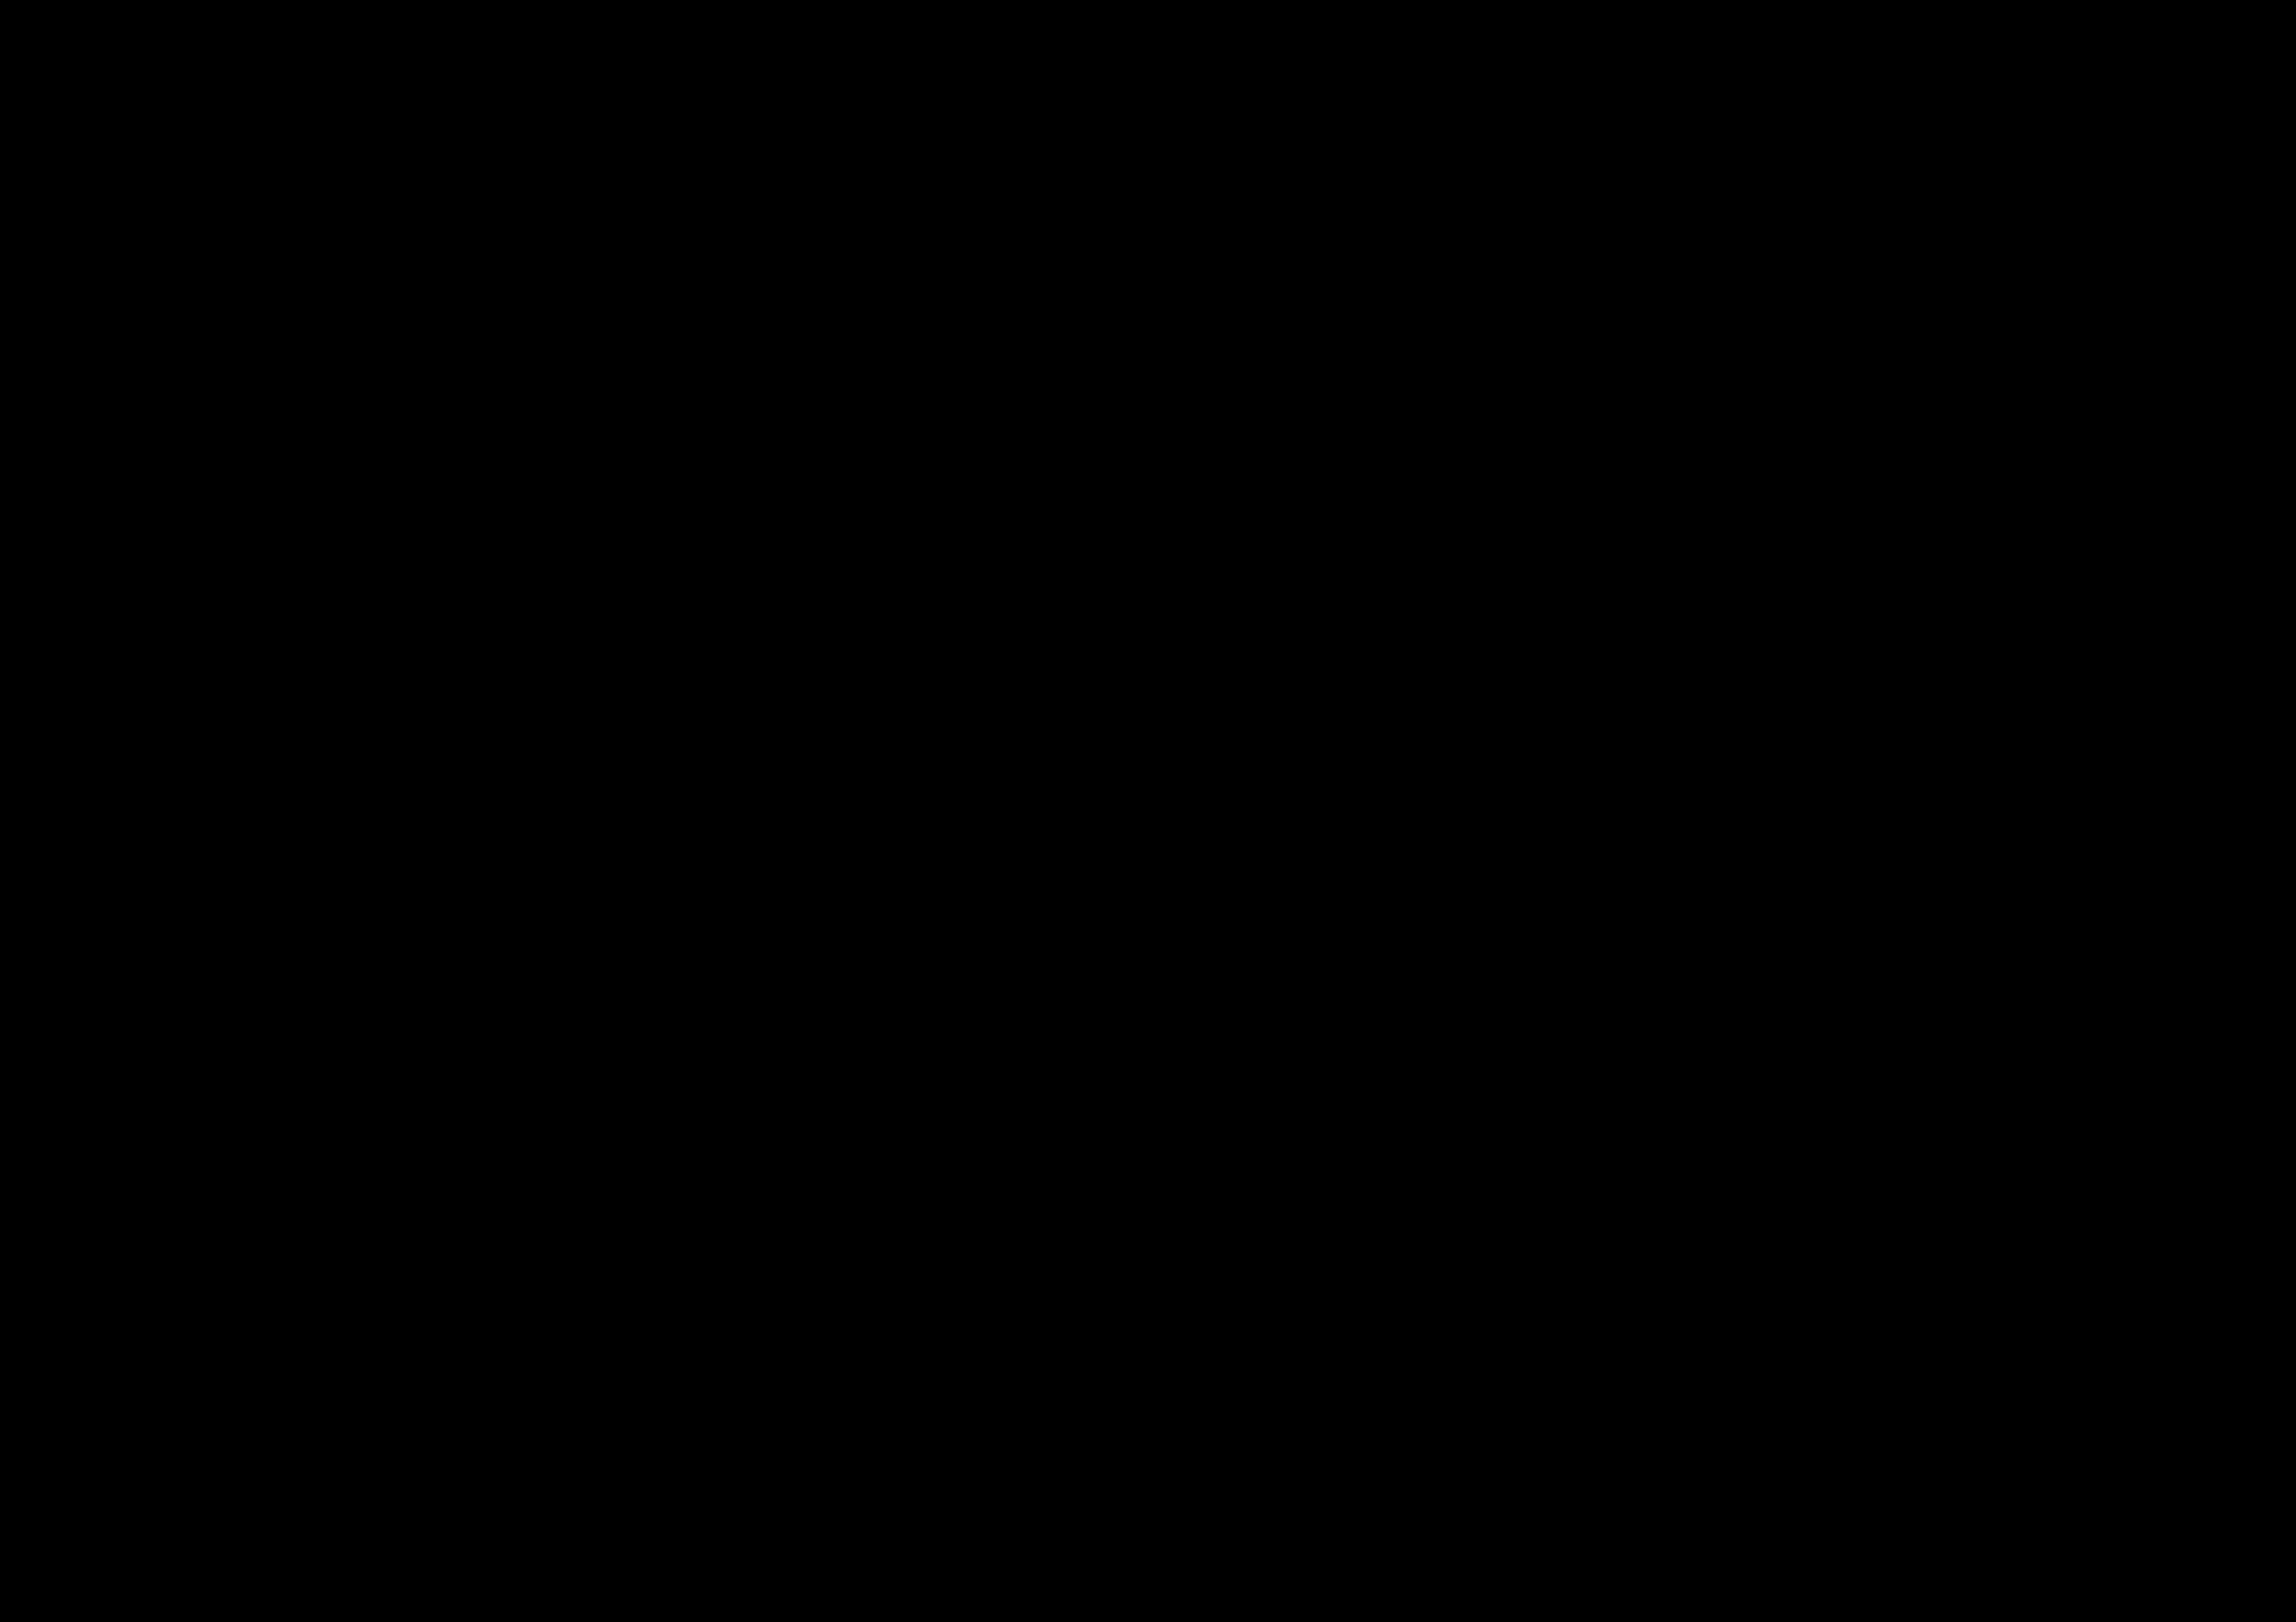 Раскраски поздравление с днем рождения папу, надписью поддержки